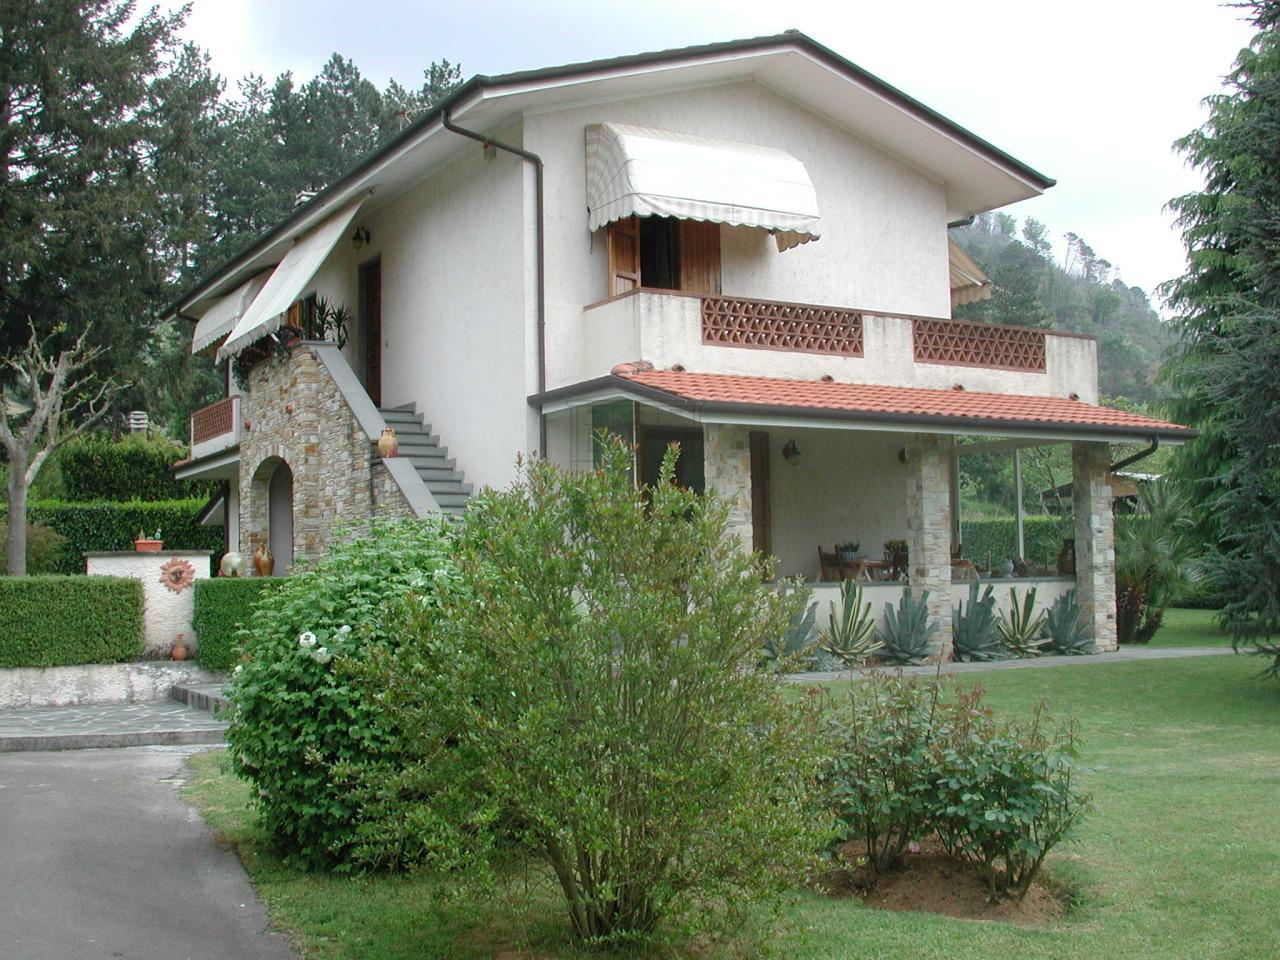 Soluzione Indipendente in vendita a Camaiore, 8 locali, prezzo € 600.000 | Cambio Casa.it